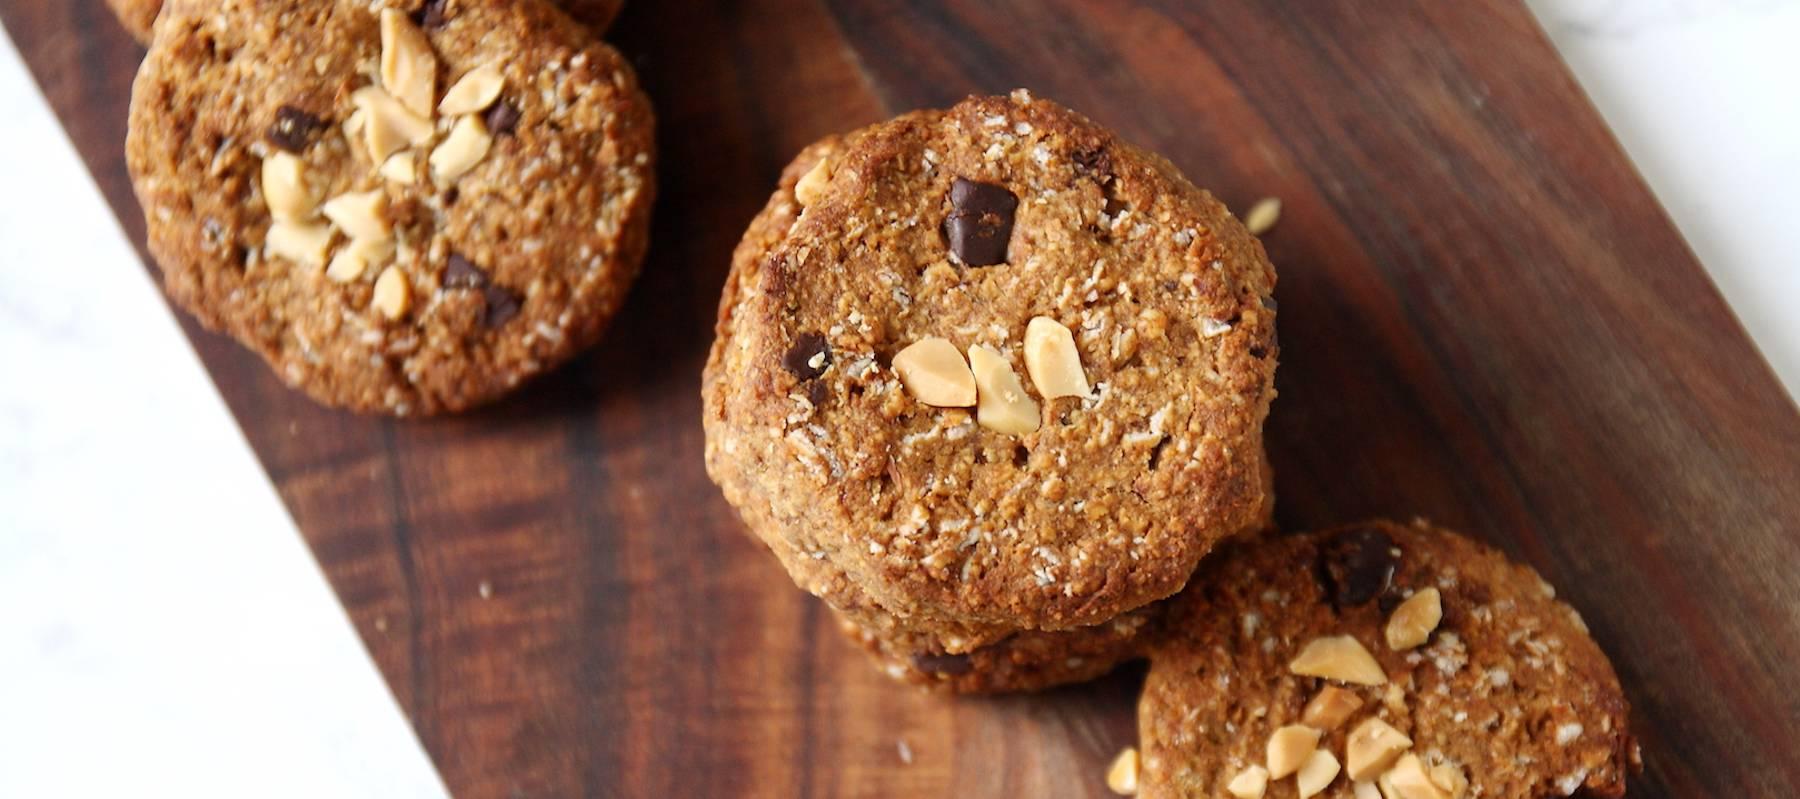 receta para hacer galletas caseras en microondas